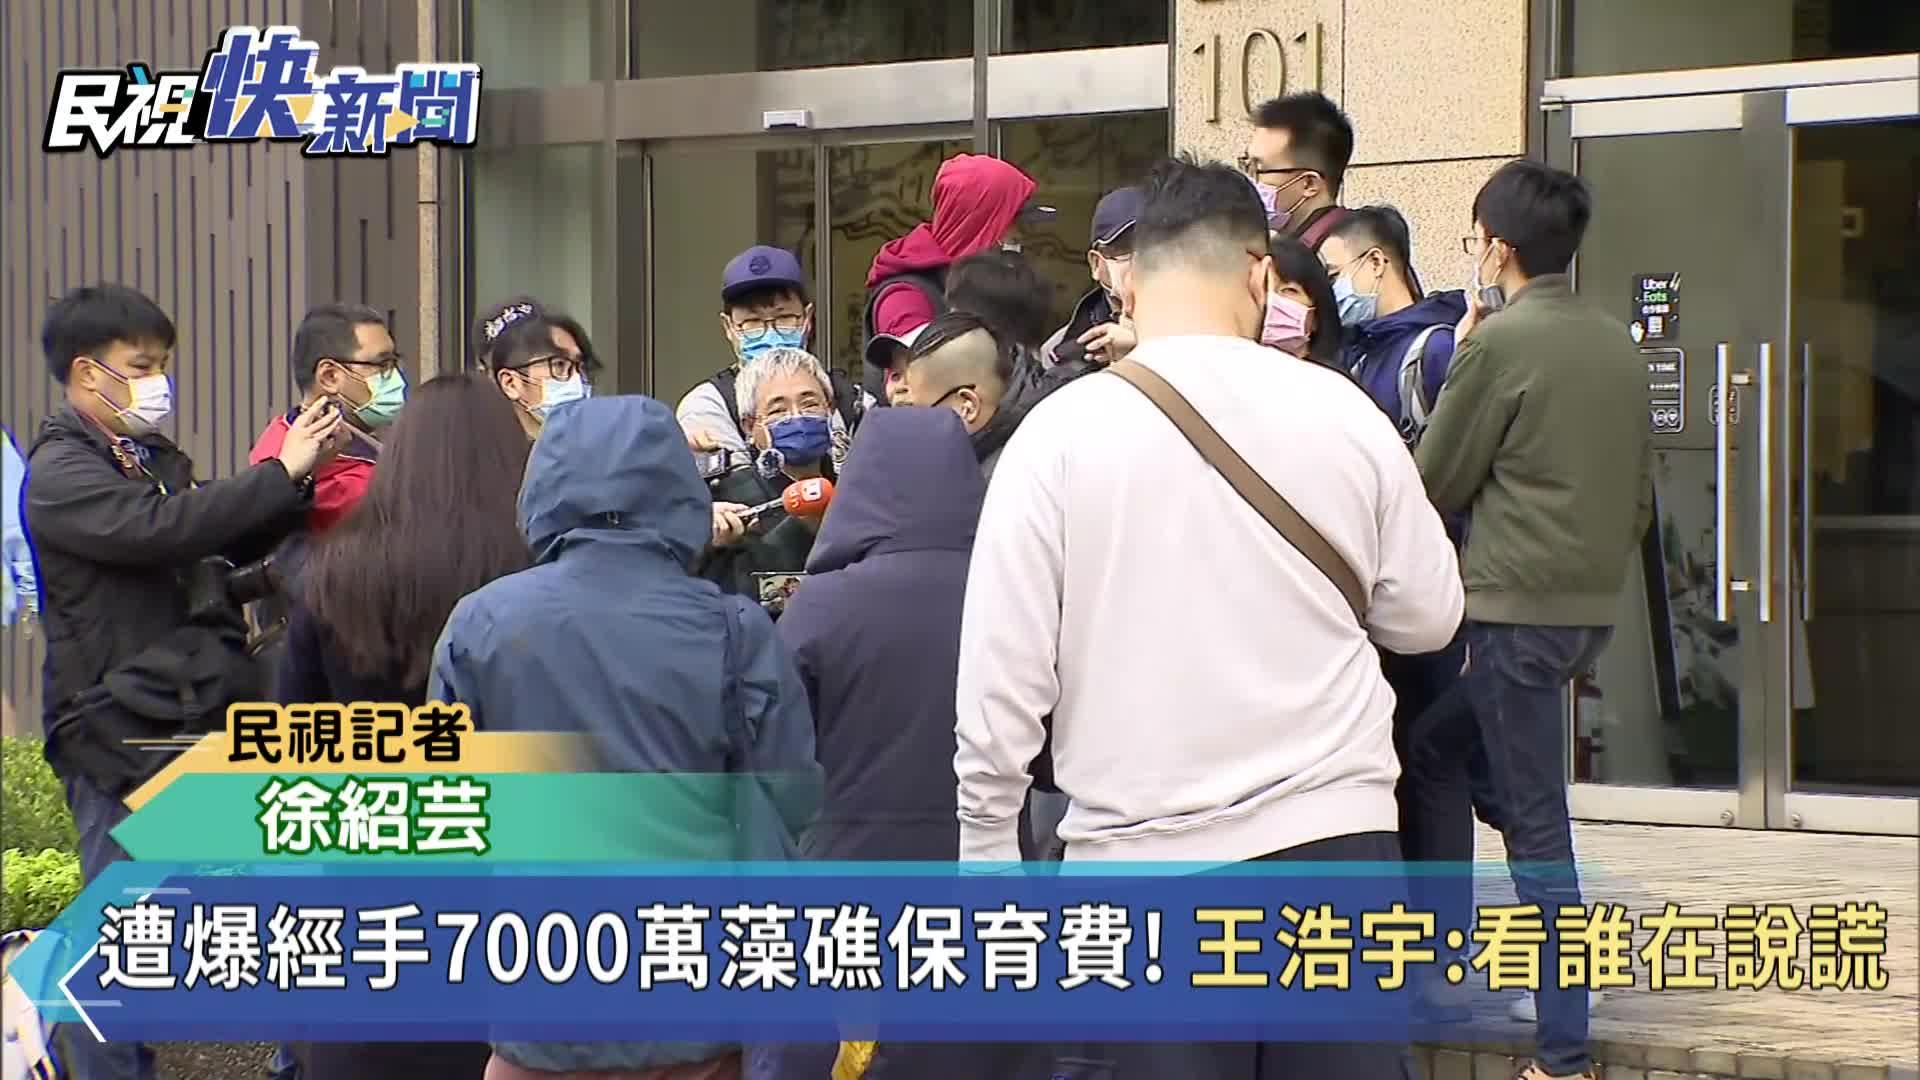 快新聞/遭王浩宇爆經手7000萬藻礁保育費 潘忠政回嗆:拿出完整影片